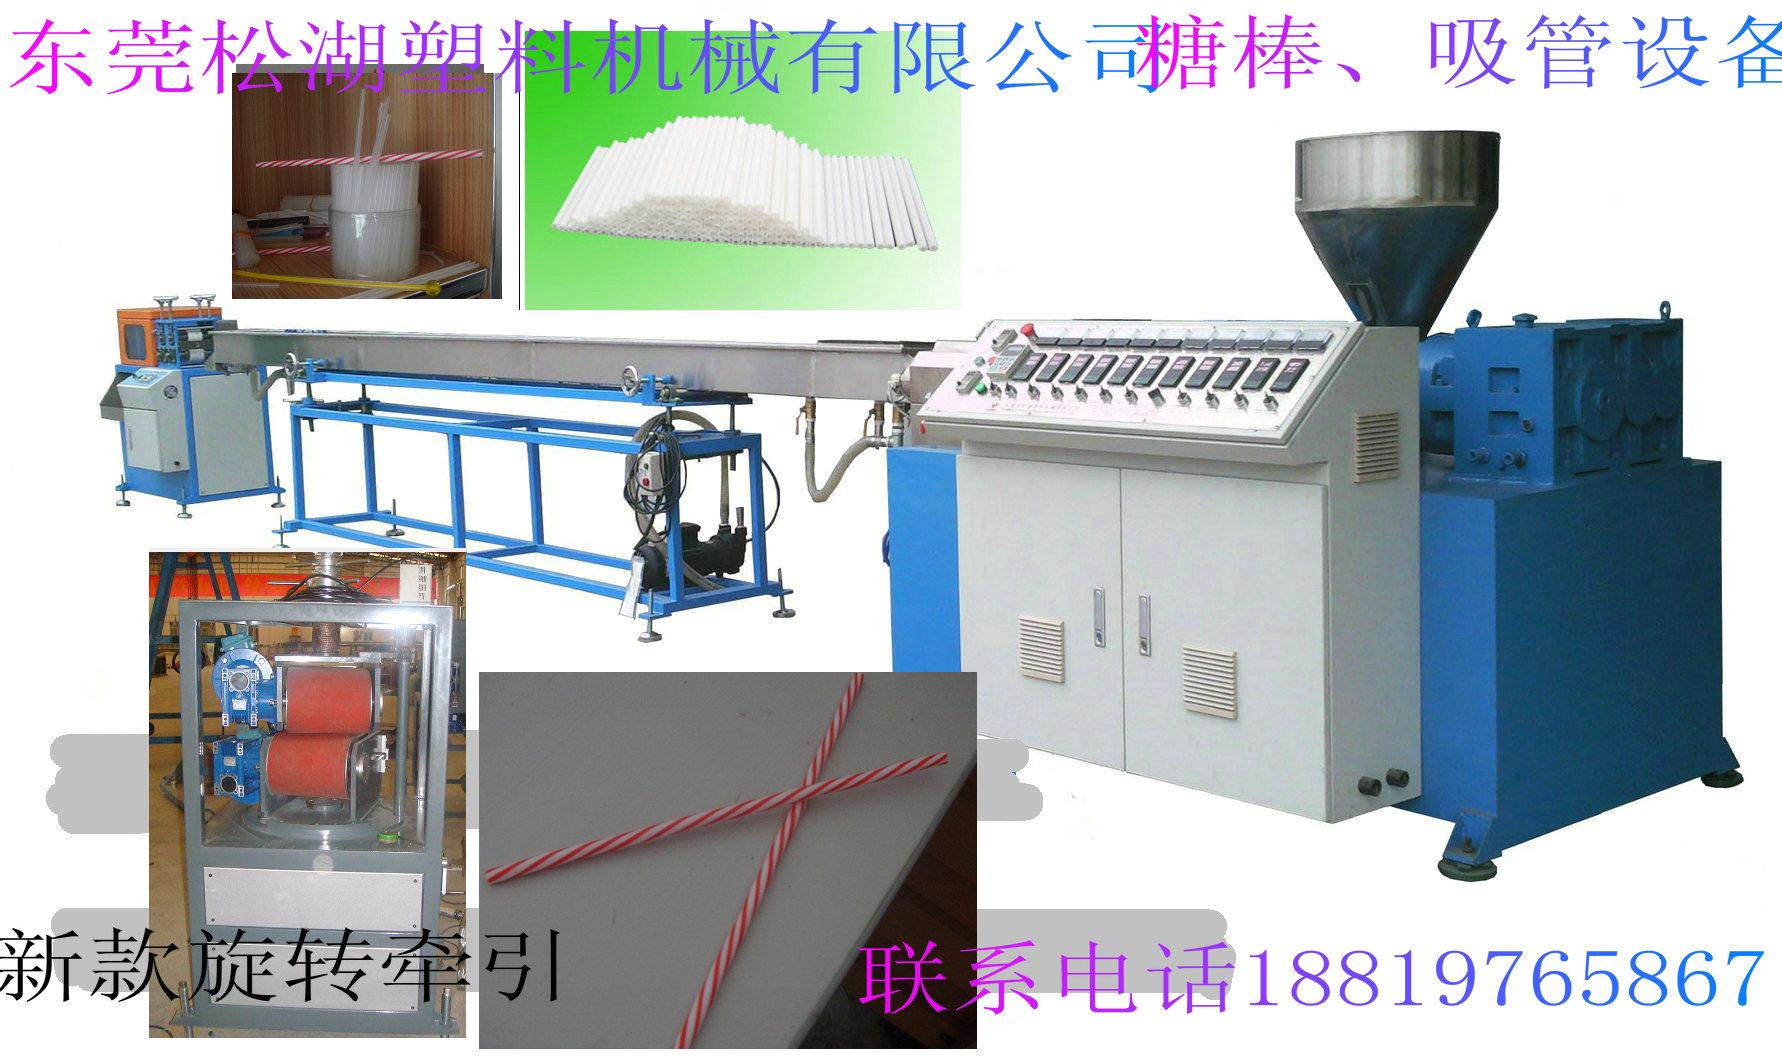 棒棒糖的手动电风扇内部结构